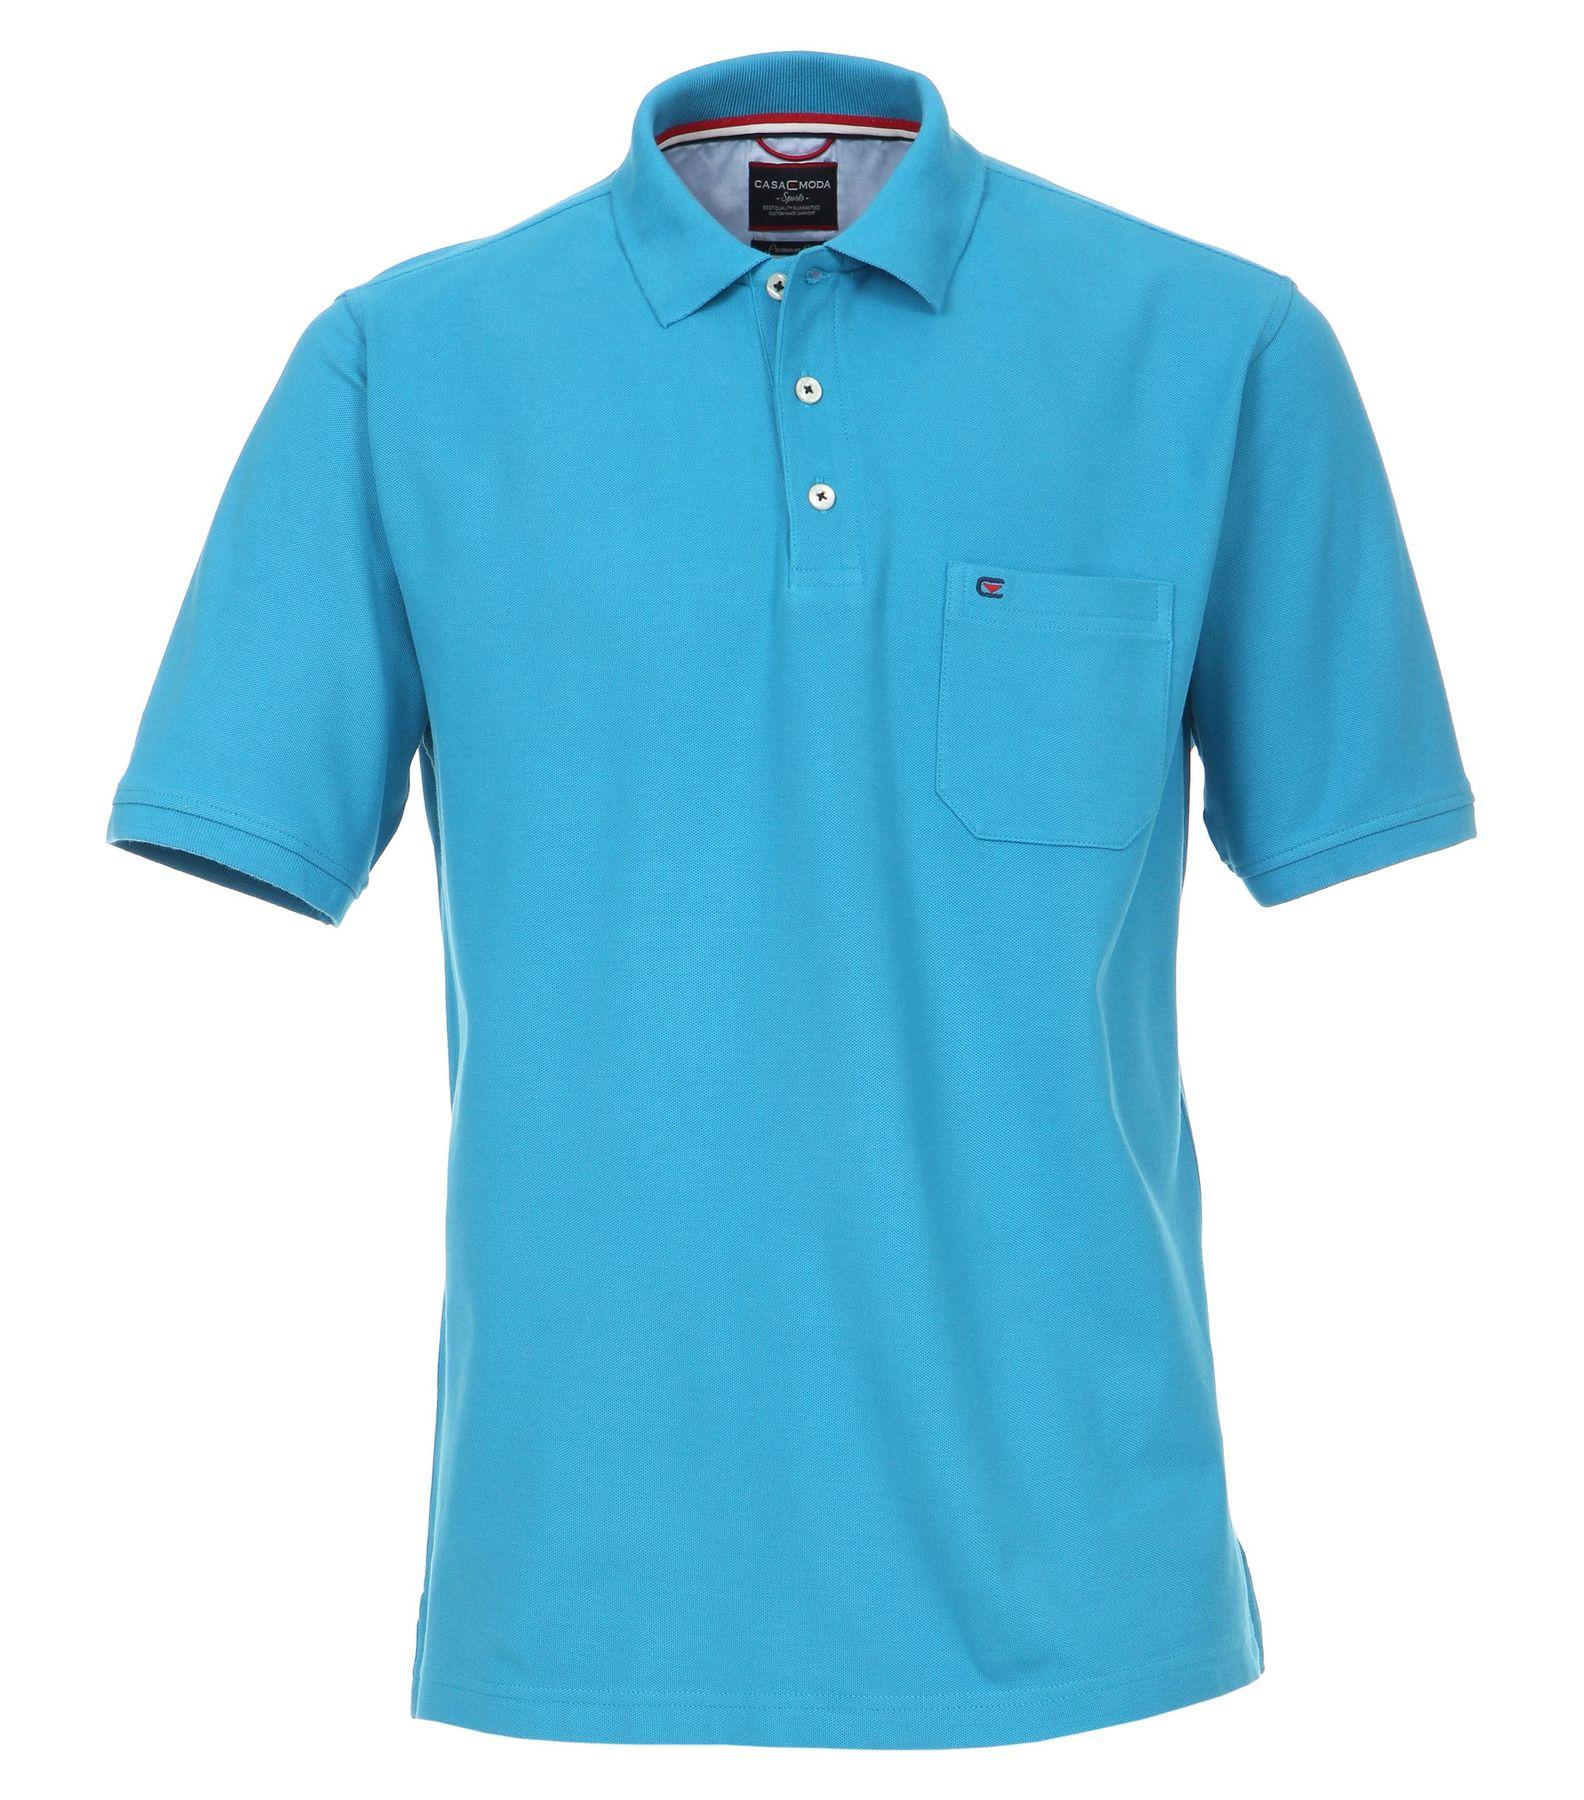 Casa Moda - Herren Polo Shirt mit Brusttasche in verschiedenen Farben S-6XL (004270) – Bild 19